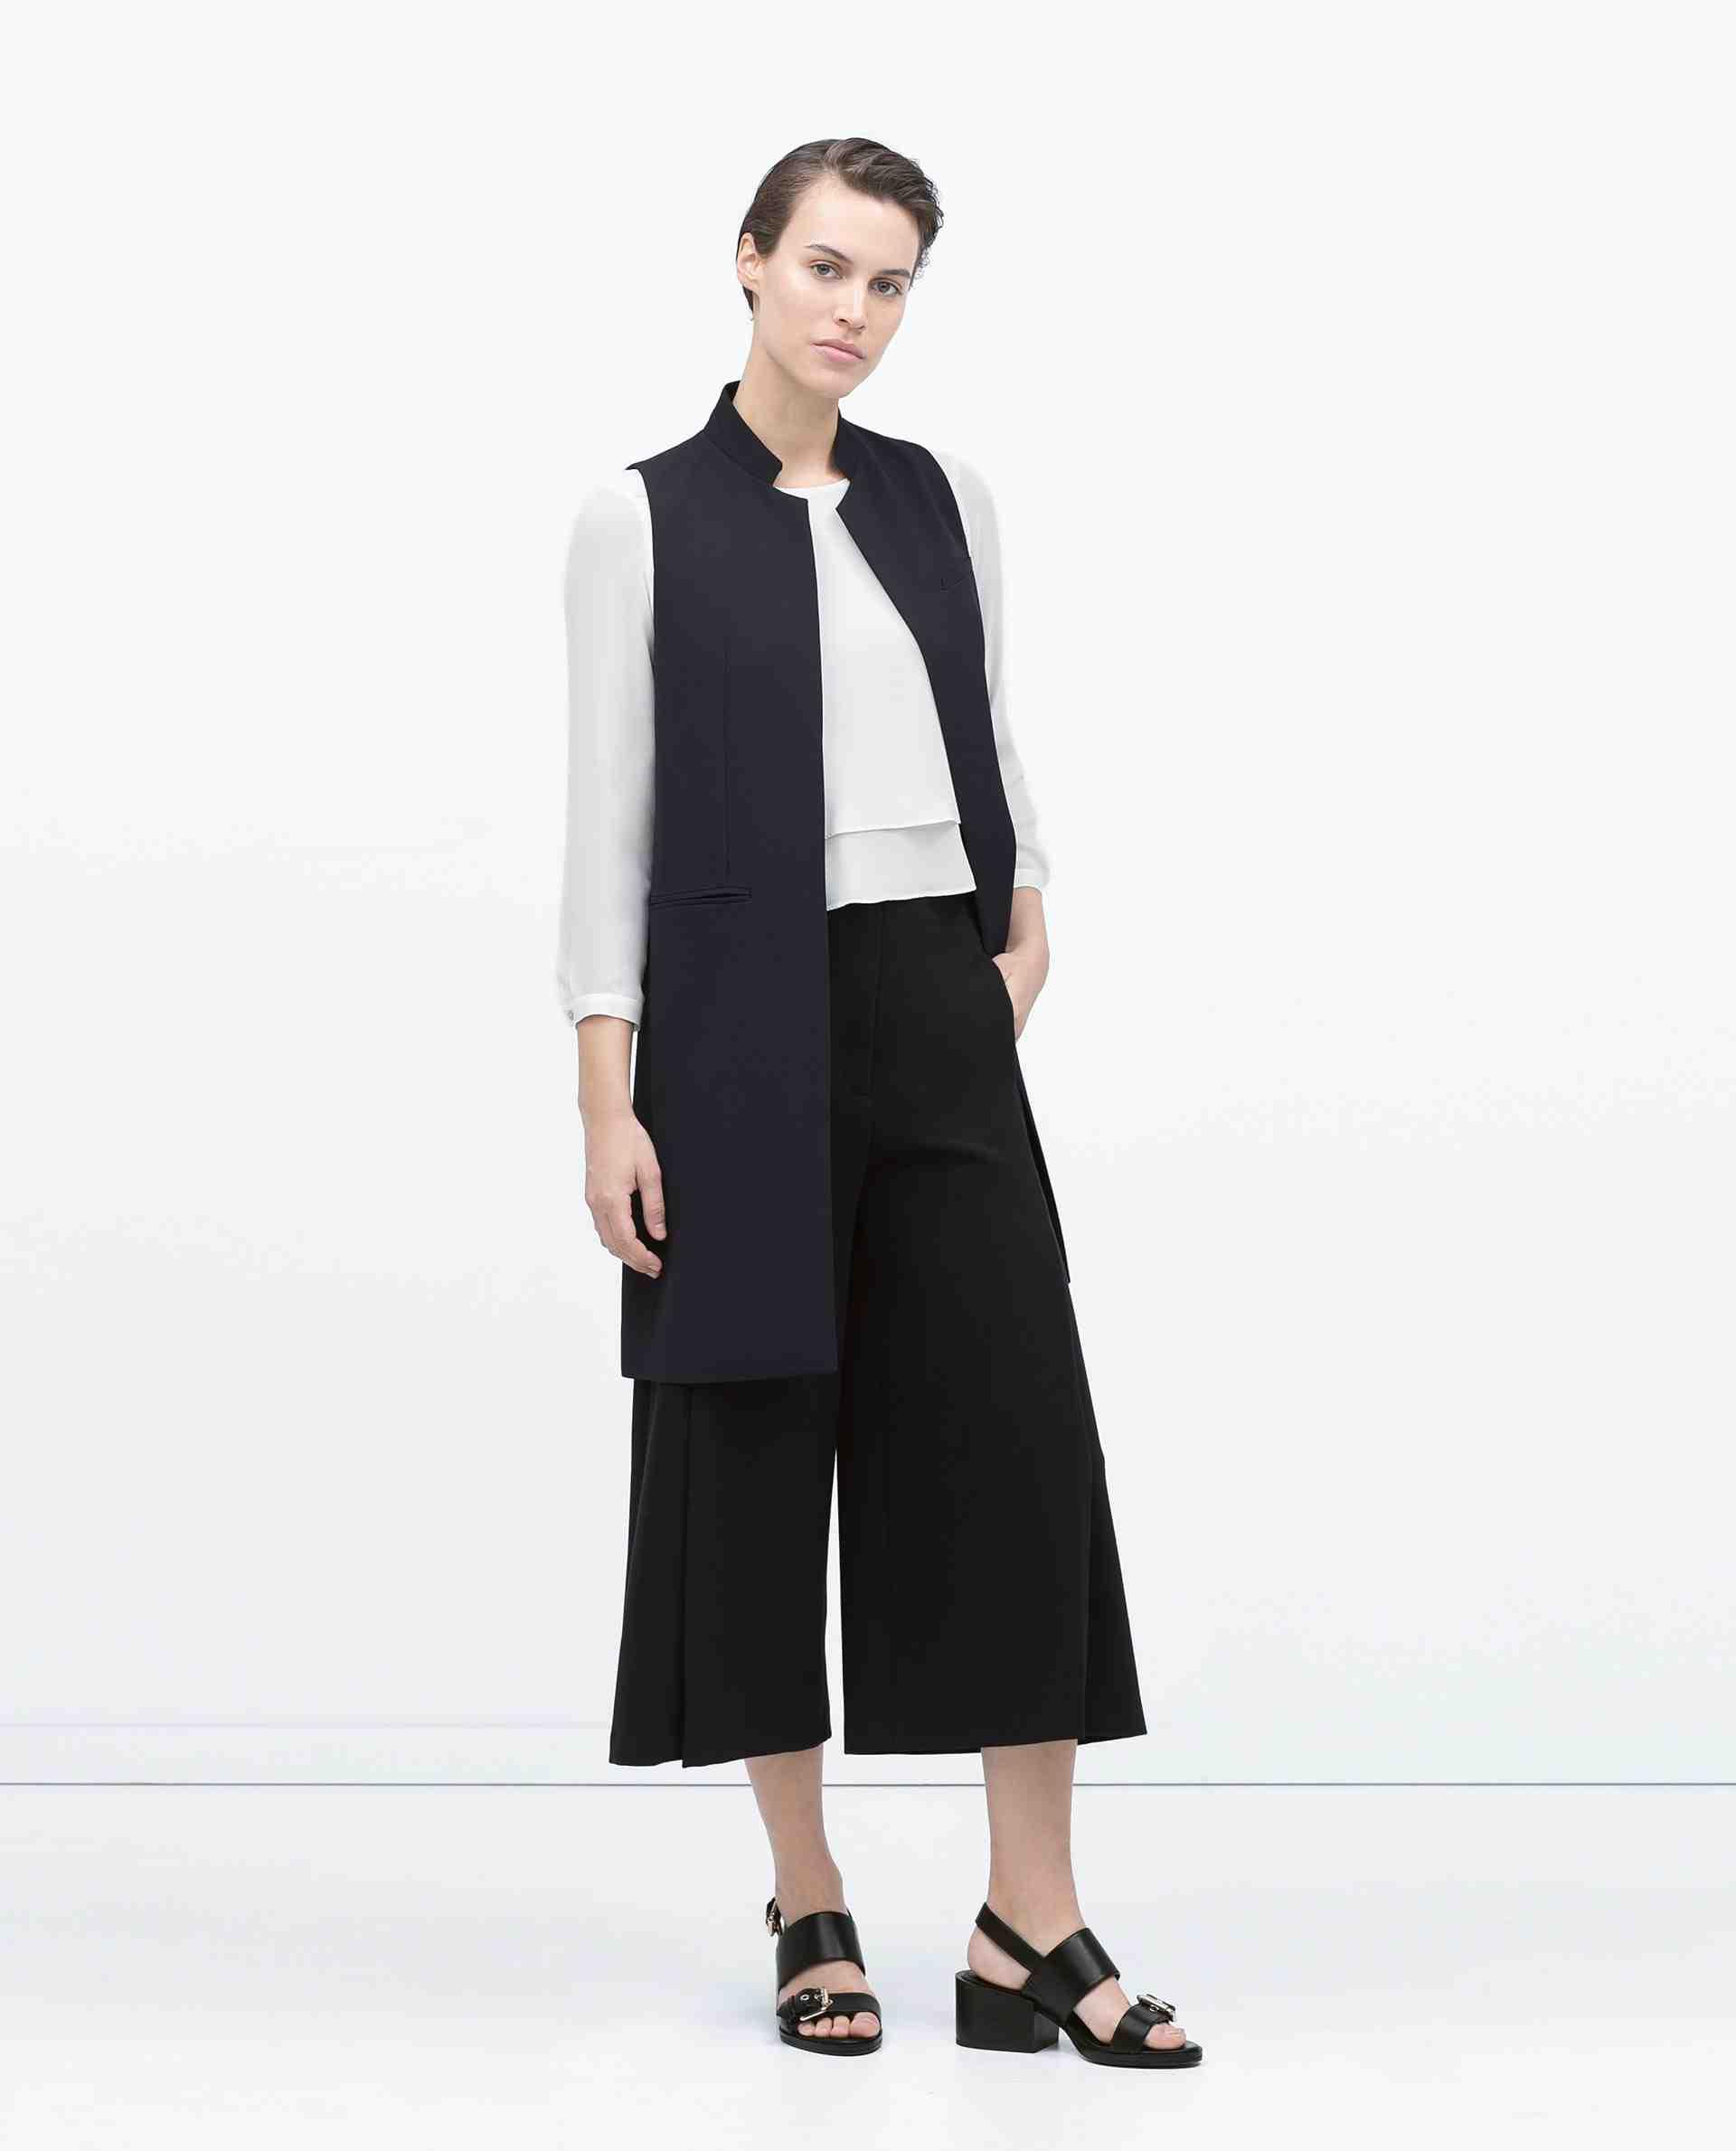 Zara - Veste(56 €)